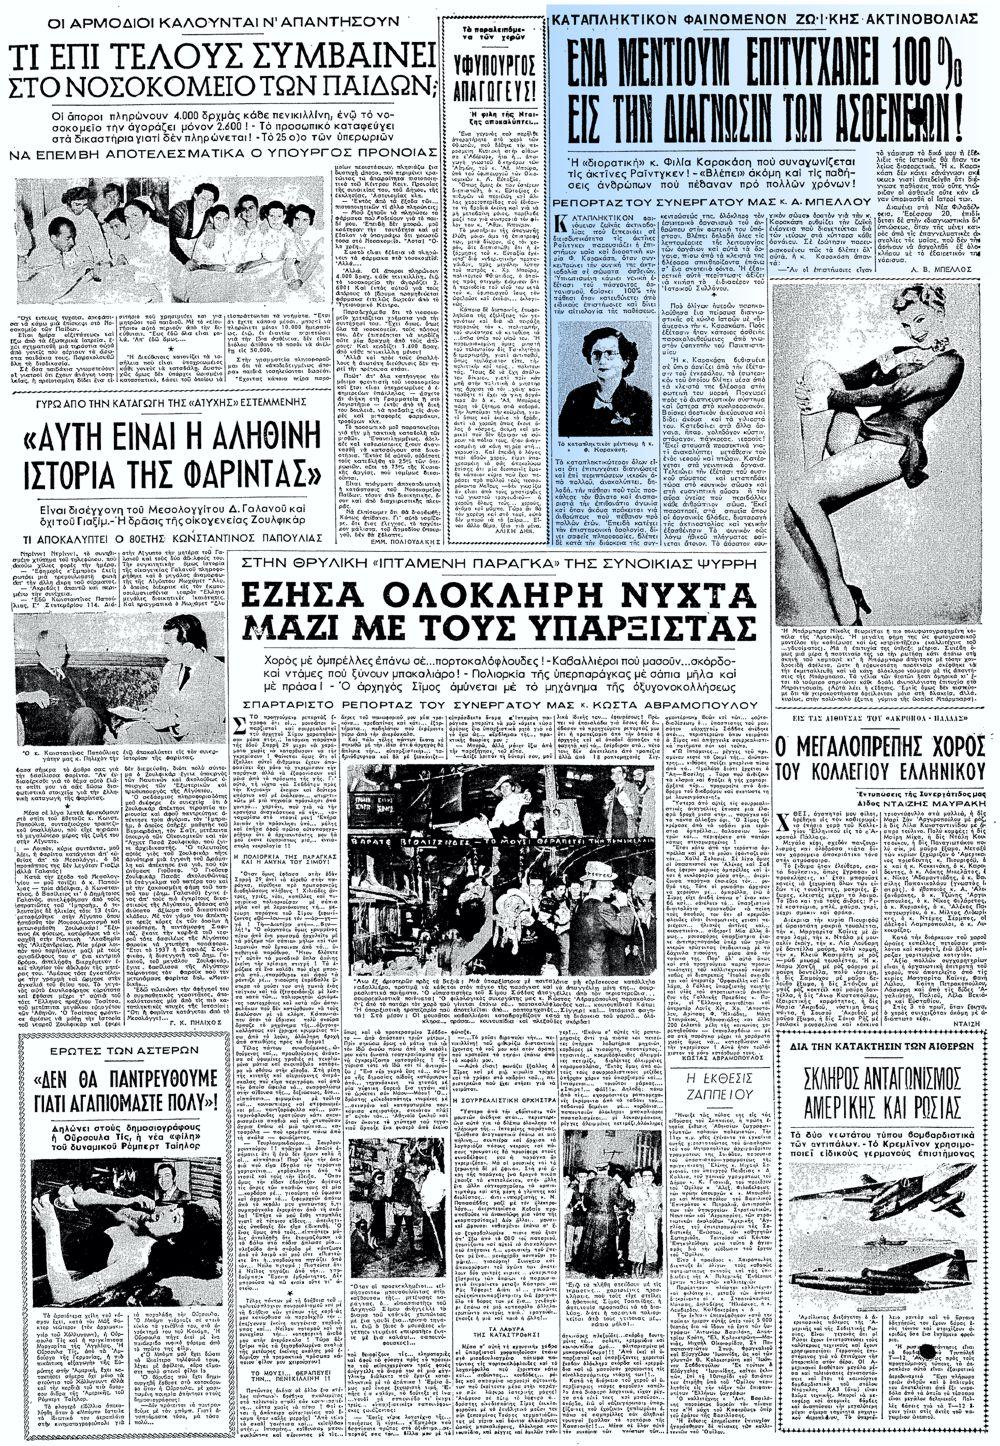 """Το άρθρο, όπως δημοσιεύθηκε στην εφημερίδα """"ΕΜΠΡΟΣ"""", στις 12/02/1953"""